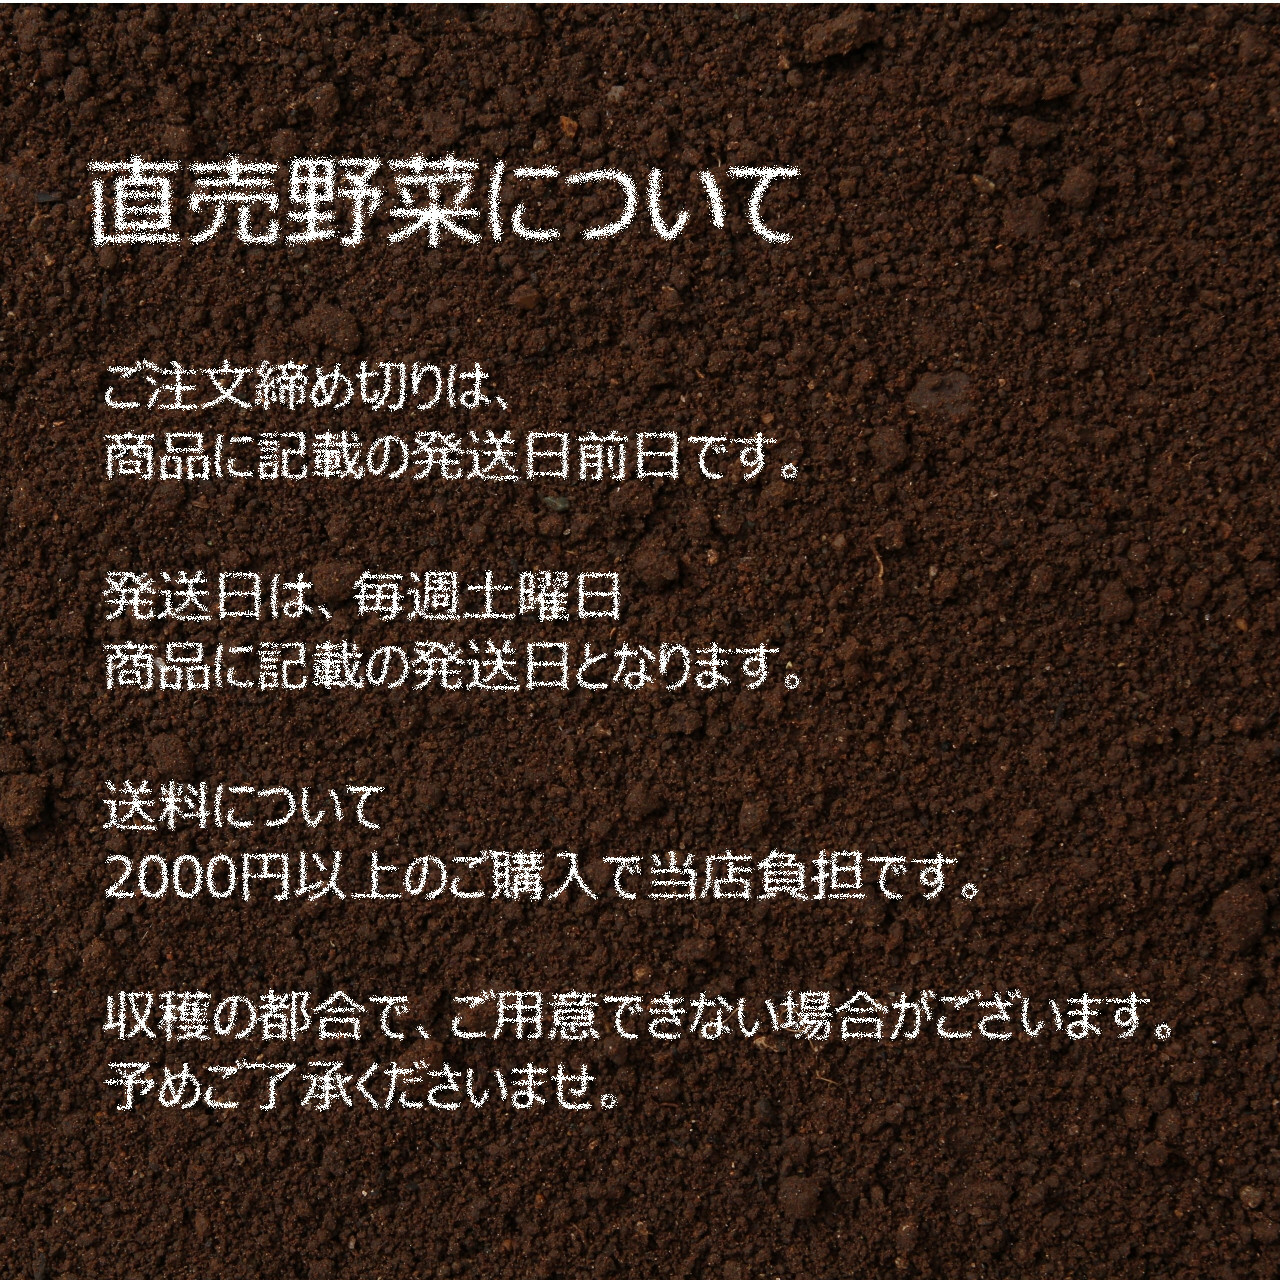 ピーマン 約300g : 6月の朝採り直売野菜  春の新鮮野菜 6月6日発送予定